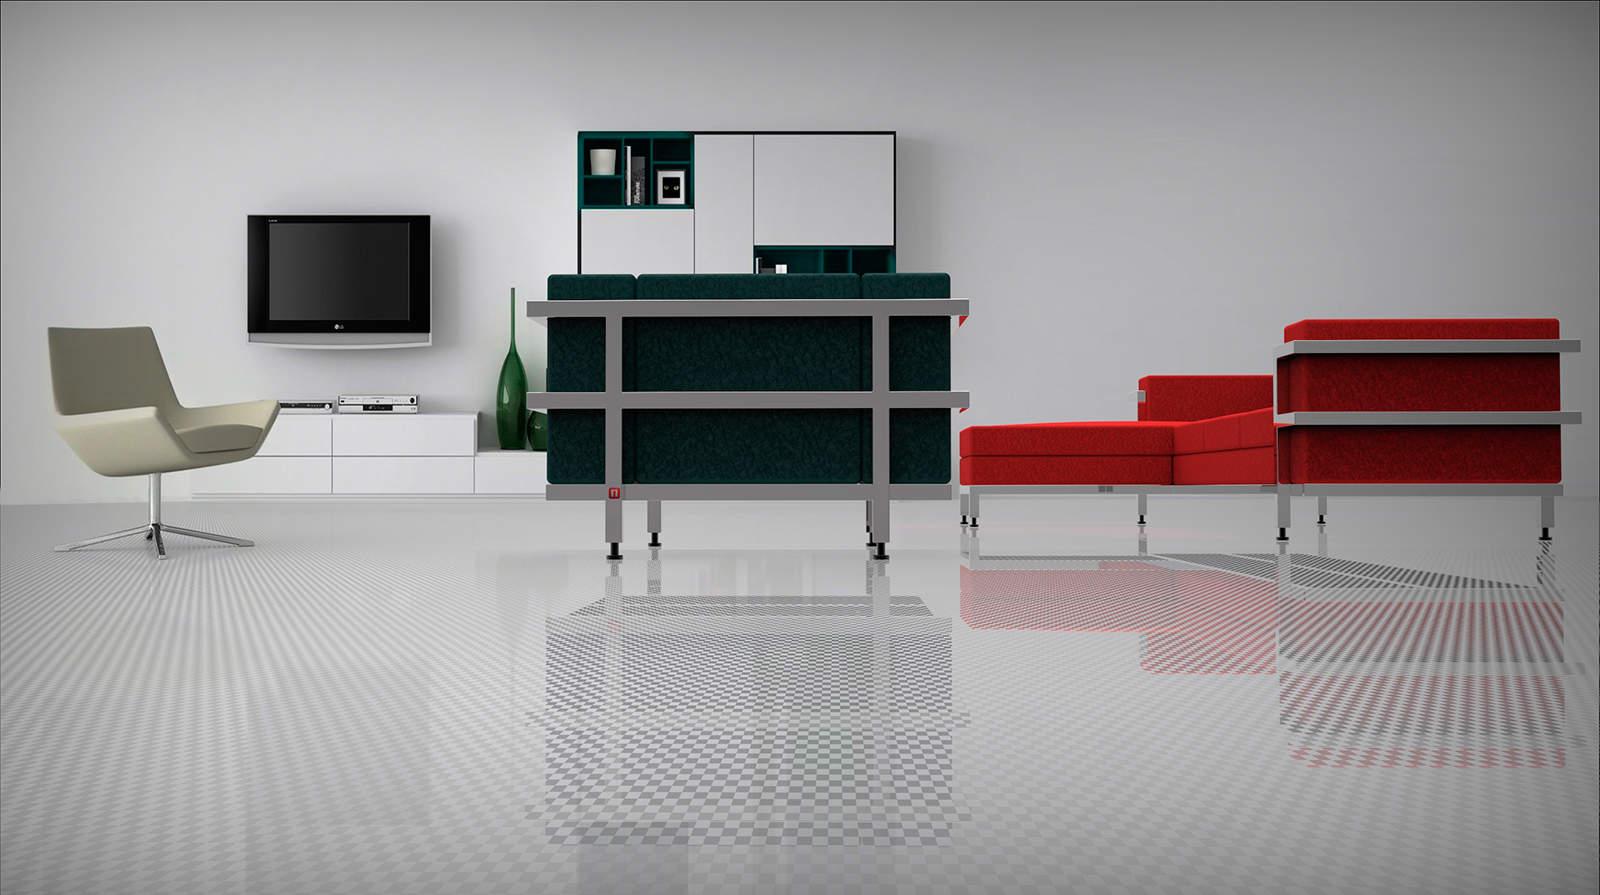 Mobilia design dise o de mobiliario contempor neo for Go mobiliario contemporaneo